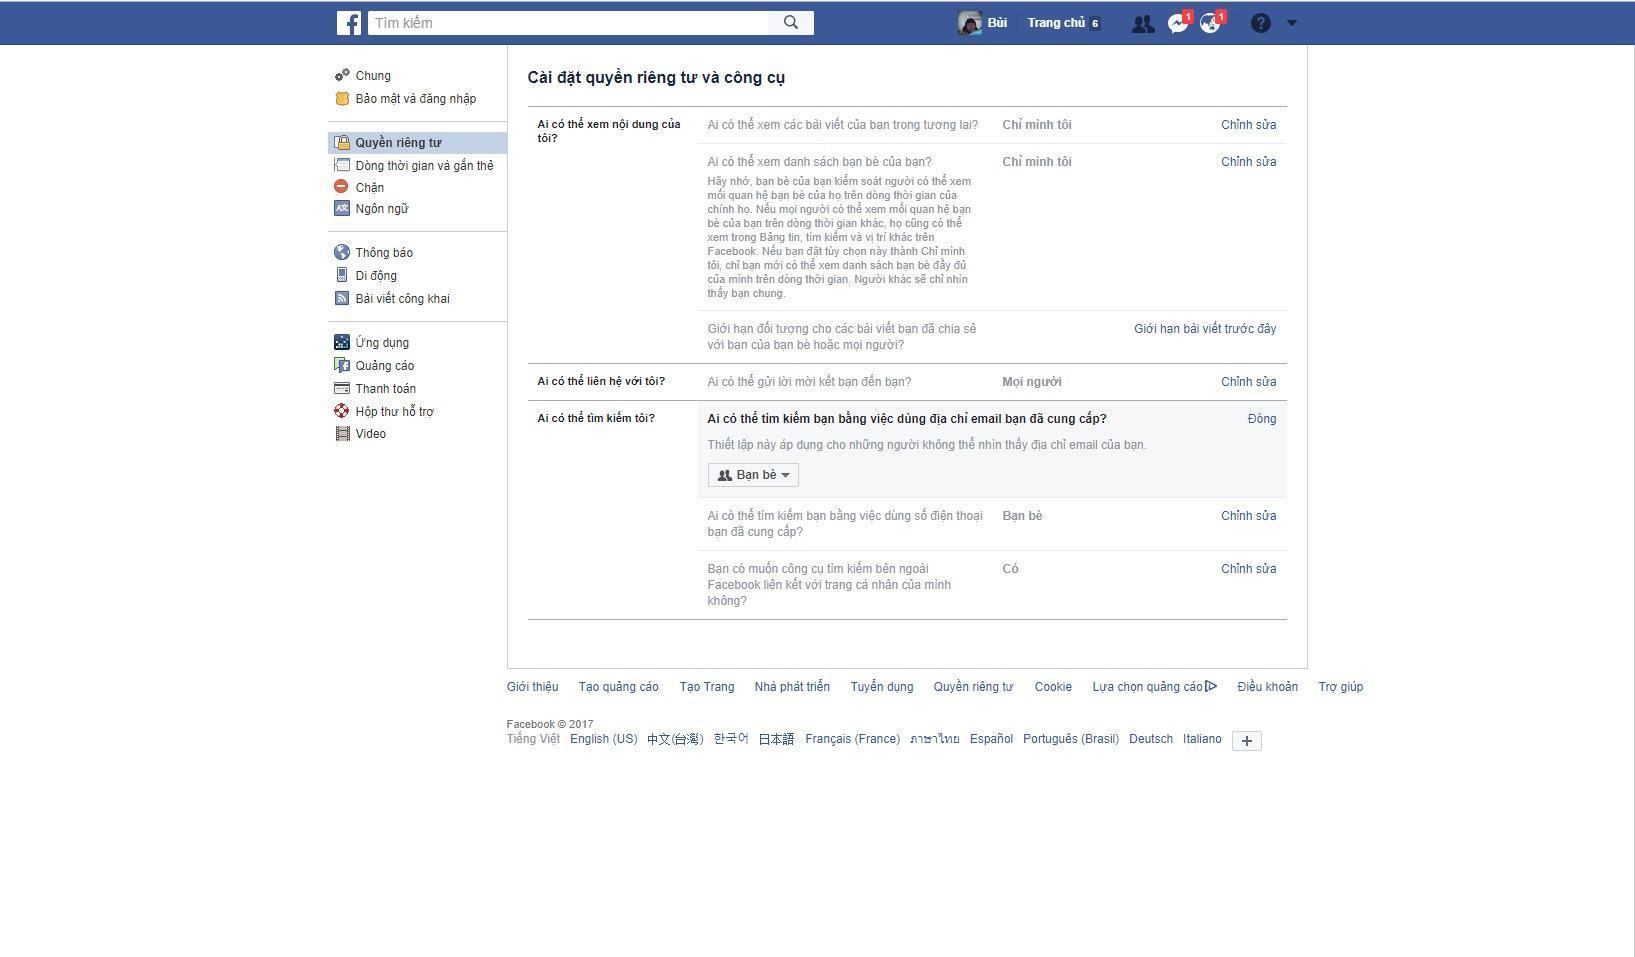 Hướng Dẫn Full Bảo Mật Tài Khoản Facebook Chống Hacker - image 123-2 on https://atpsoftware.vn